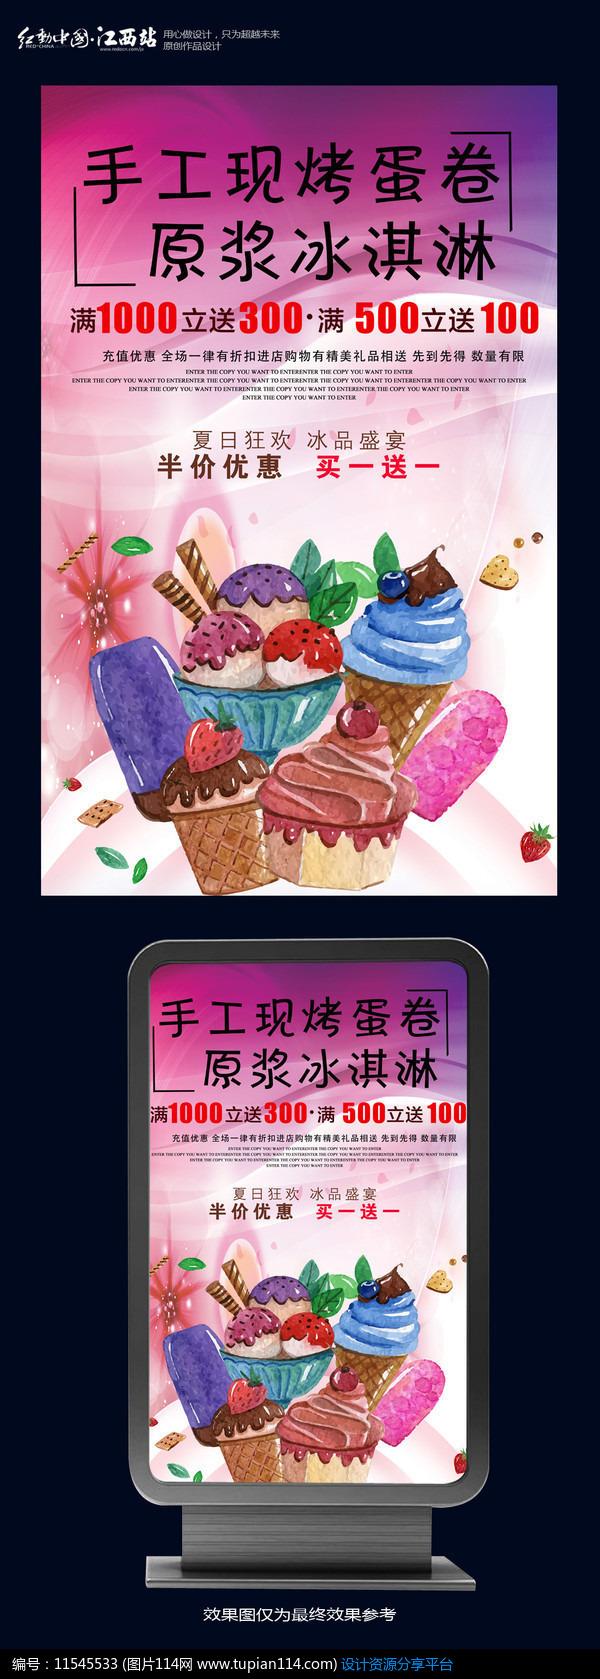 [原创] 冰淇淋活动促销海报设计